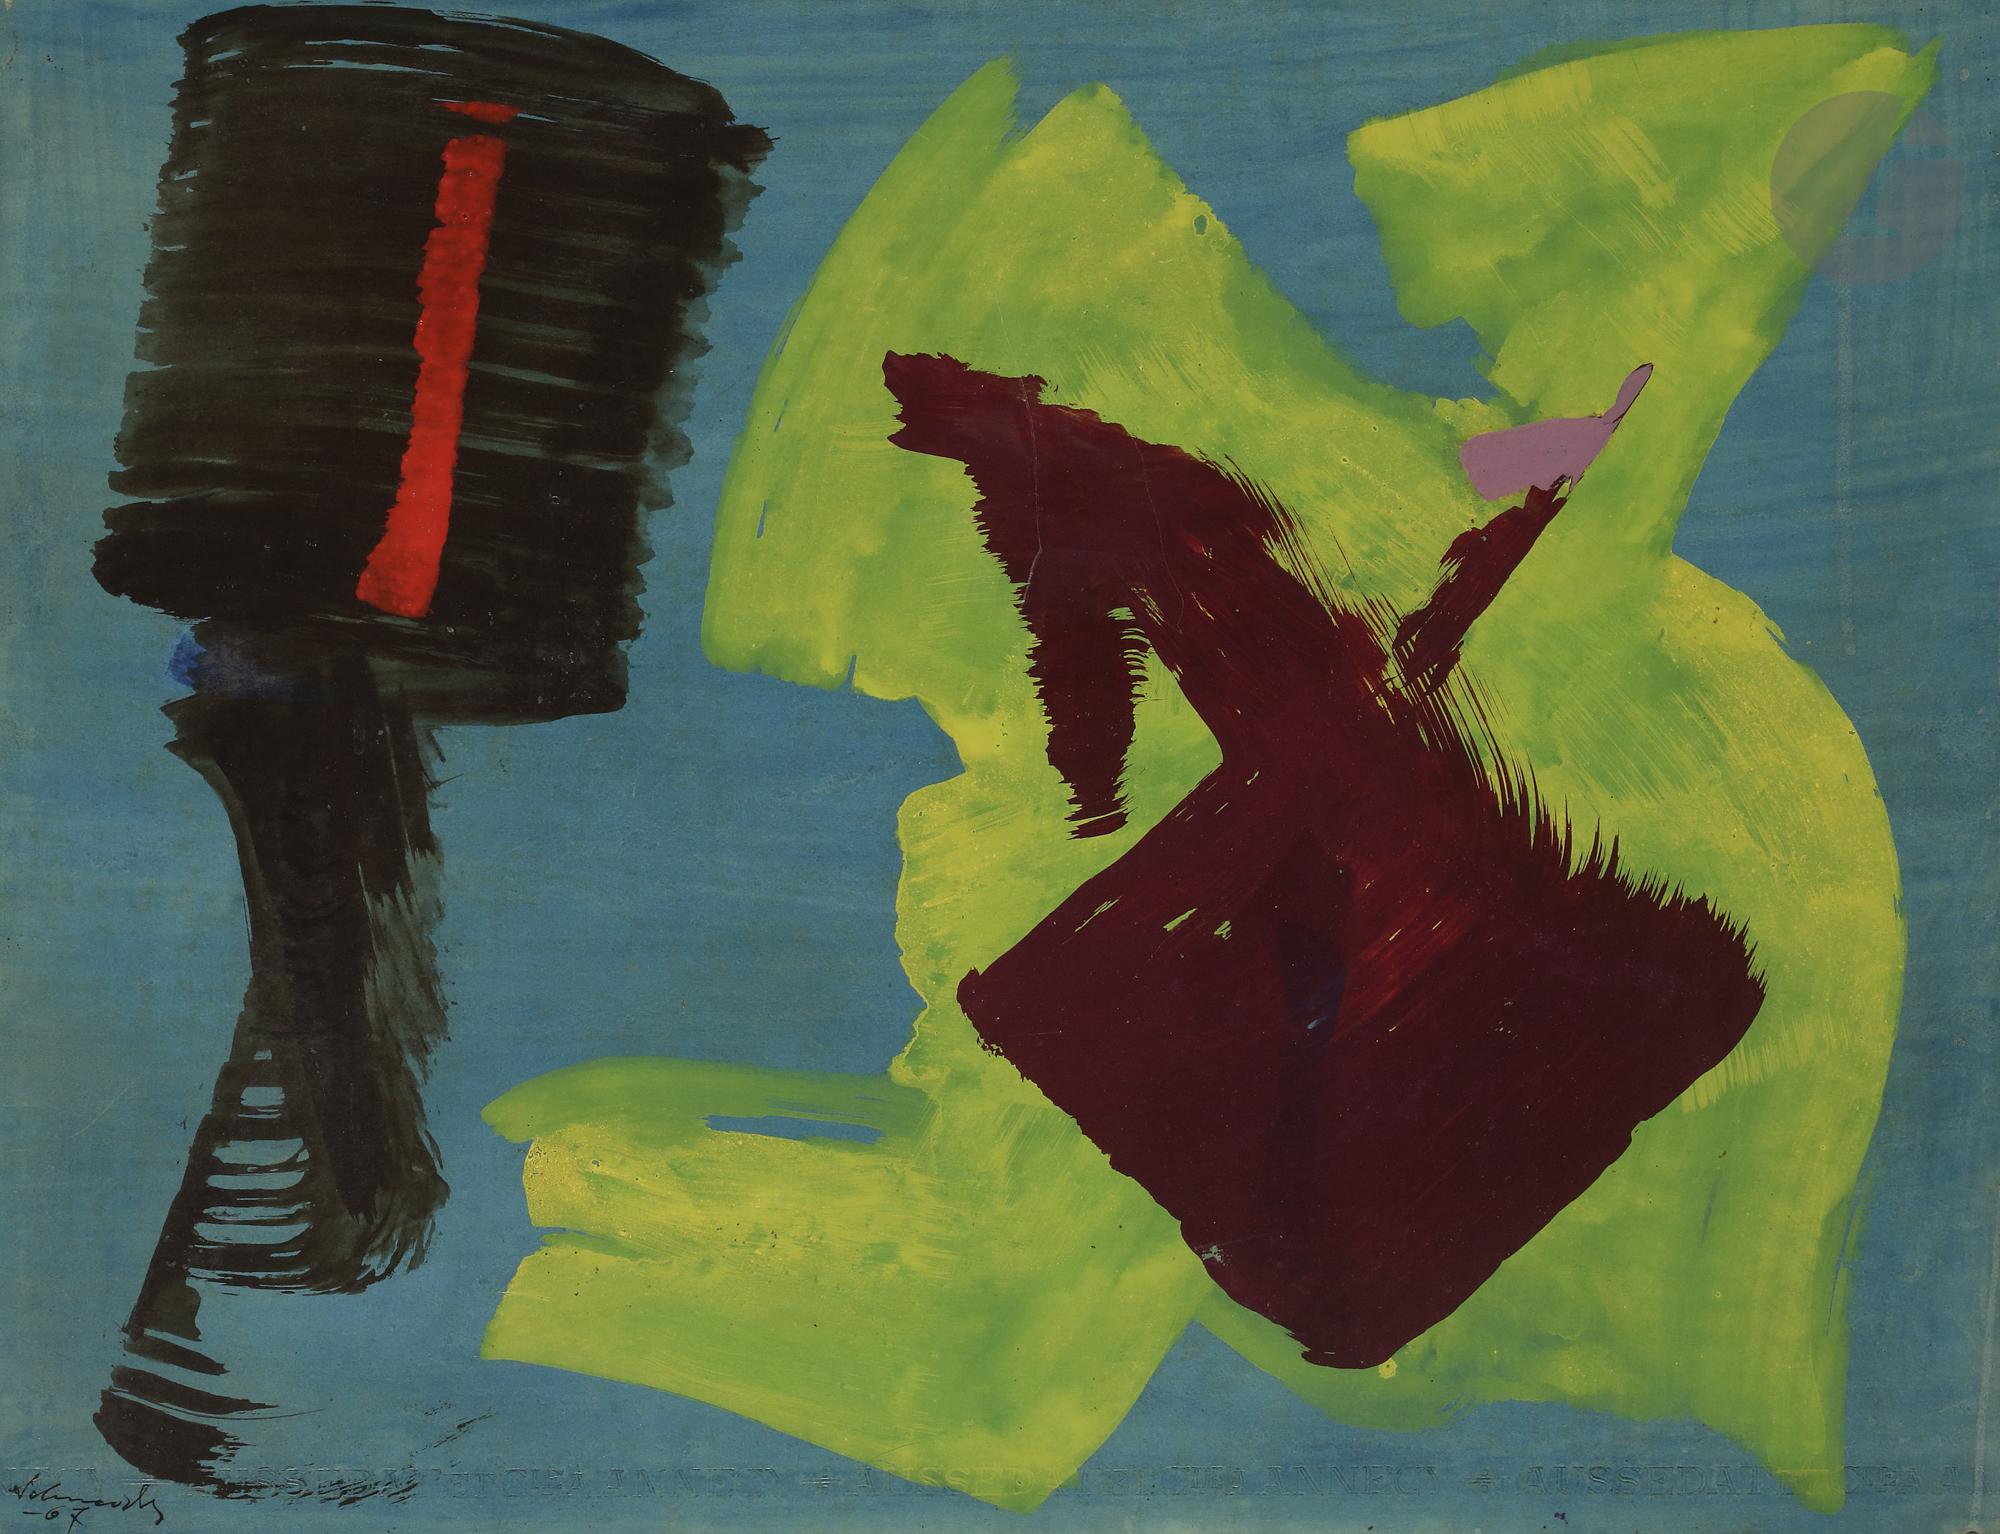 Lot 24 - Gérard SCHNEIDER (1896-1986) Composition, 1967 Huile et gouache sur papier contrecollé sur toile